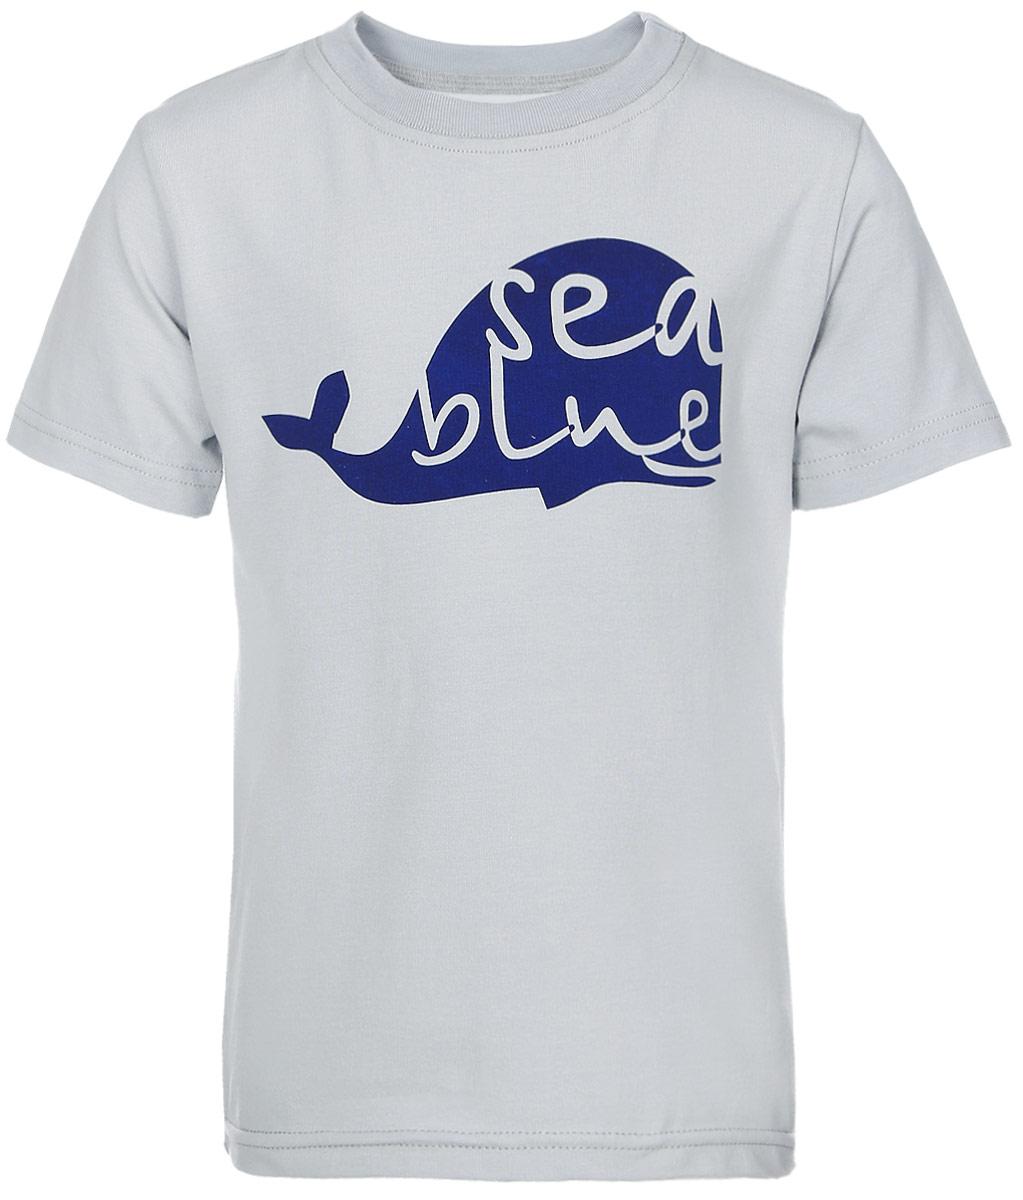 Футболка14844Футболка для мальчика КотМарКот Киты изготовлена из высококачественного эластичного хлопка. Модель с короткими рукавами и круглым вырезом горловины украшена ярким контрастным принтом с изображением силуэта кита.